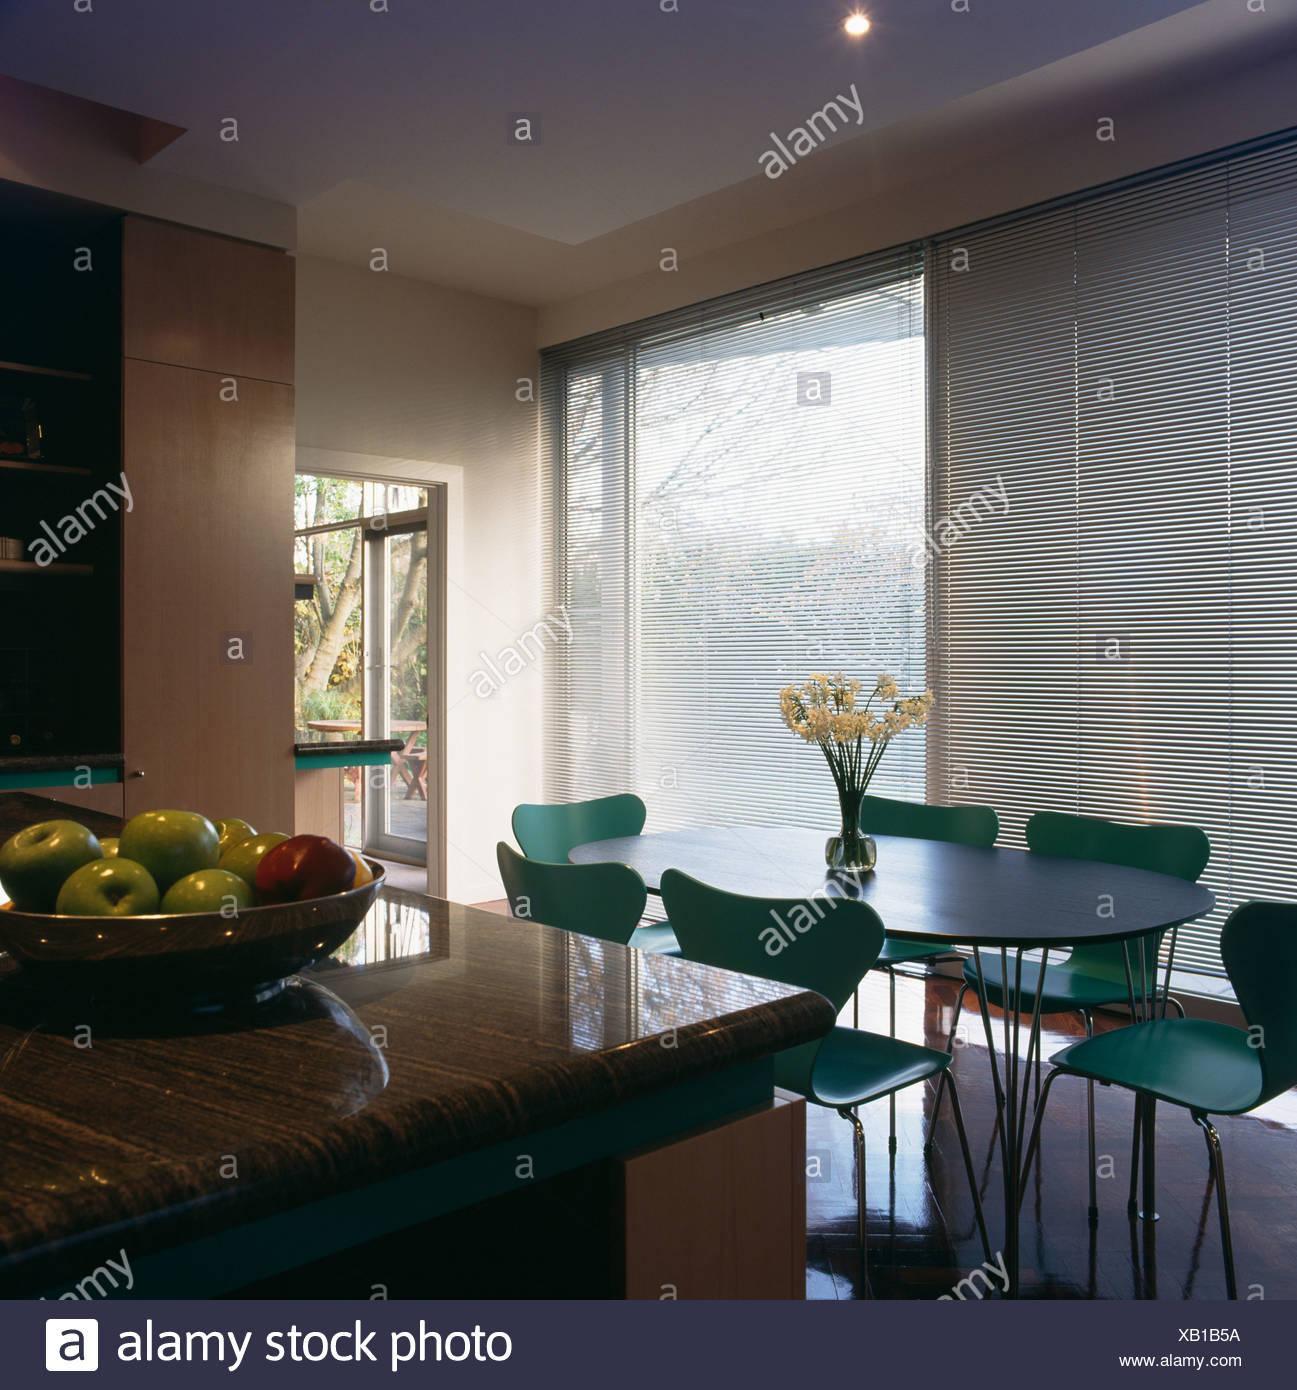 Tavoli Da Pranzo Grandi Dimensioni.Il Turchese Arne Jacobsen Ant Sedie E Tavolo Ovale Nella Moderna